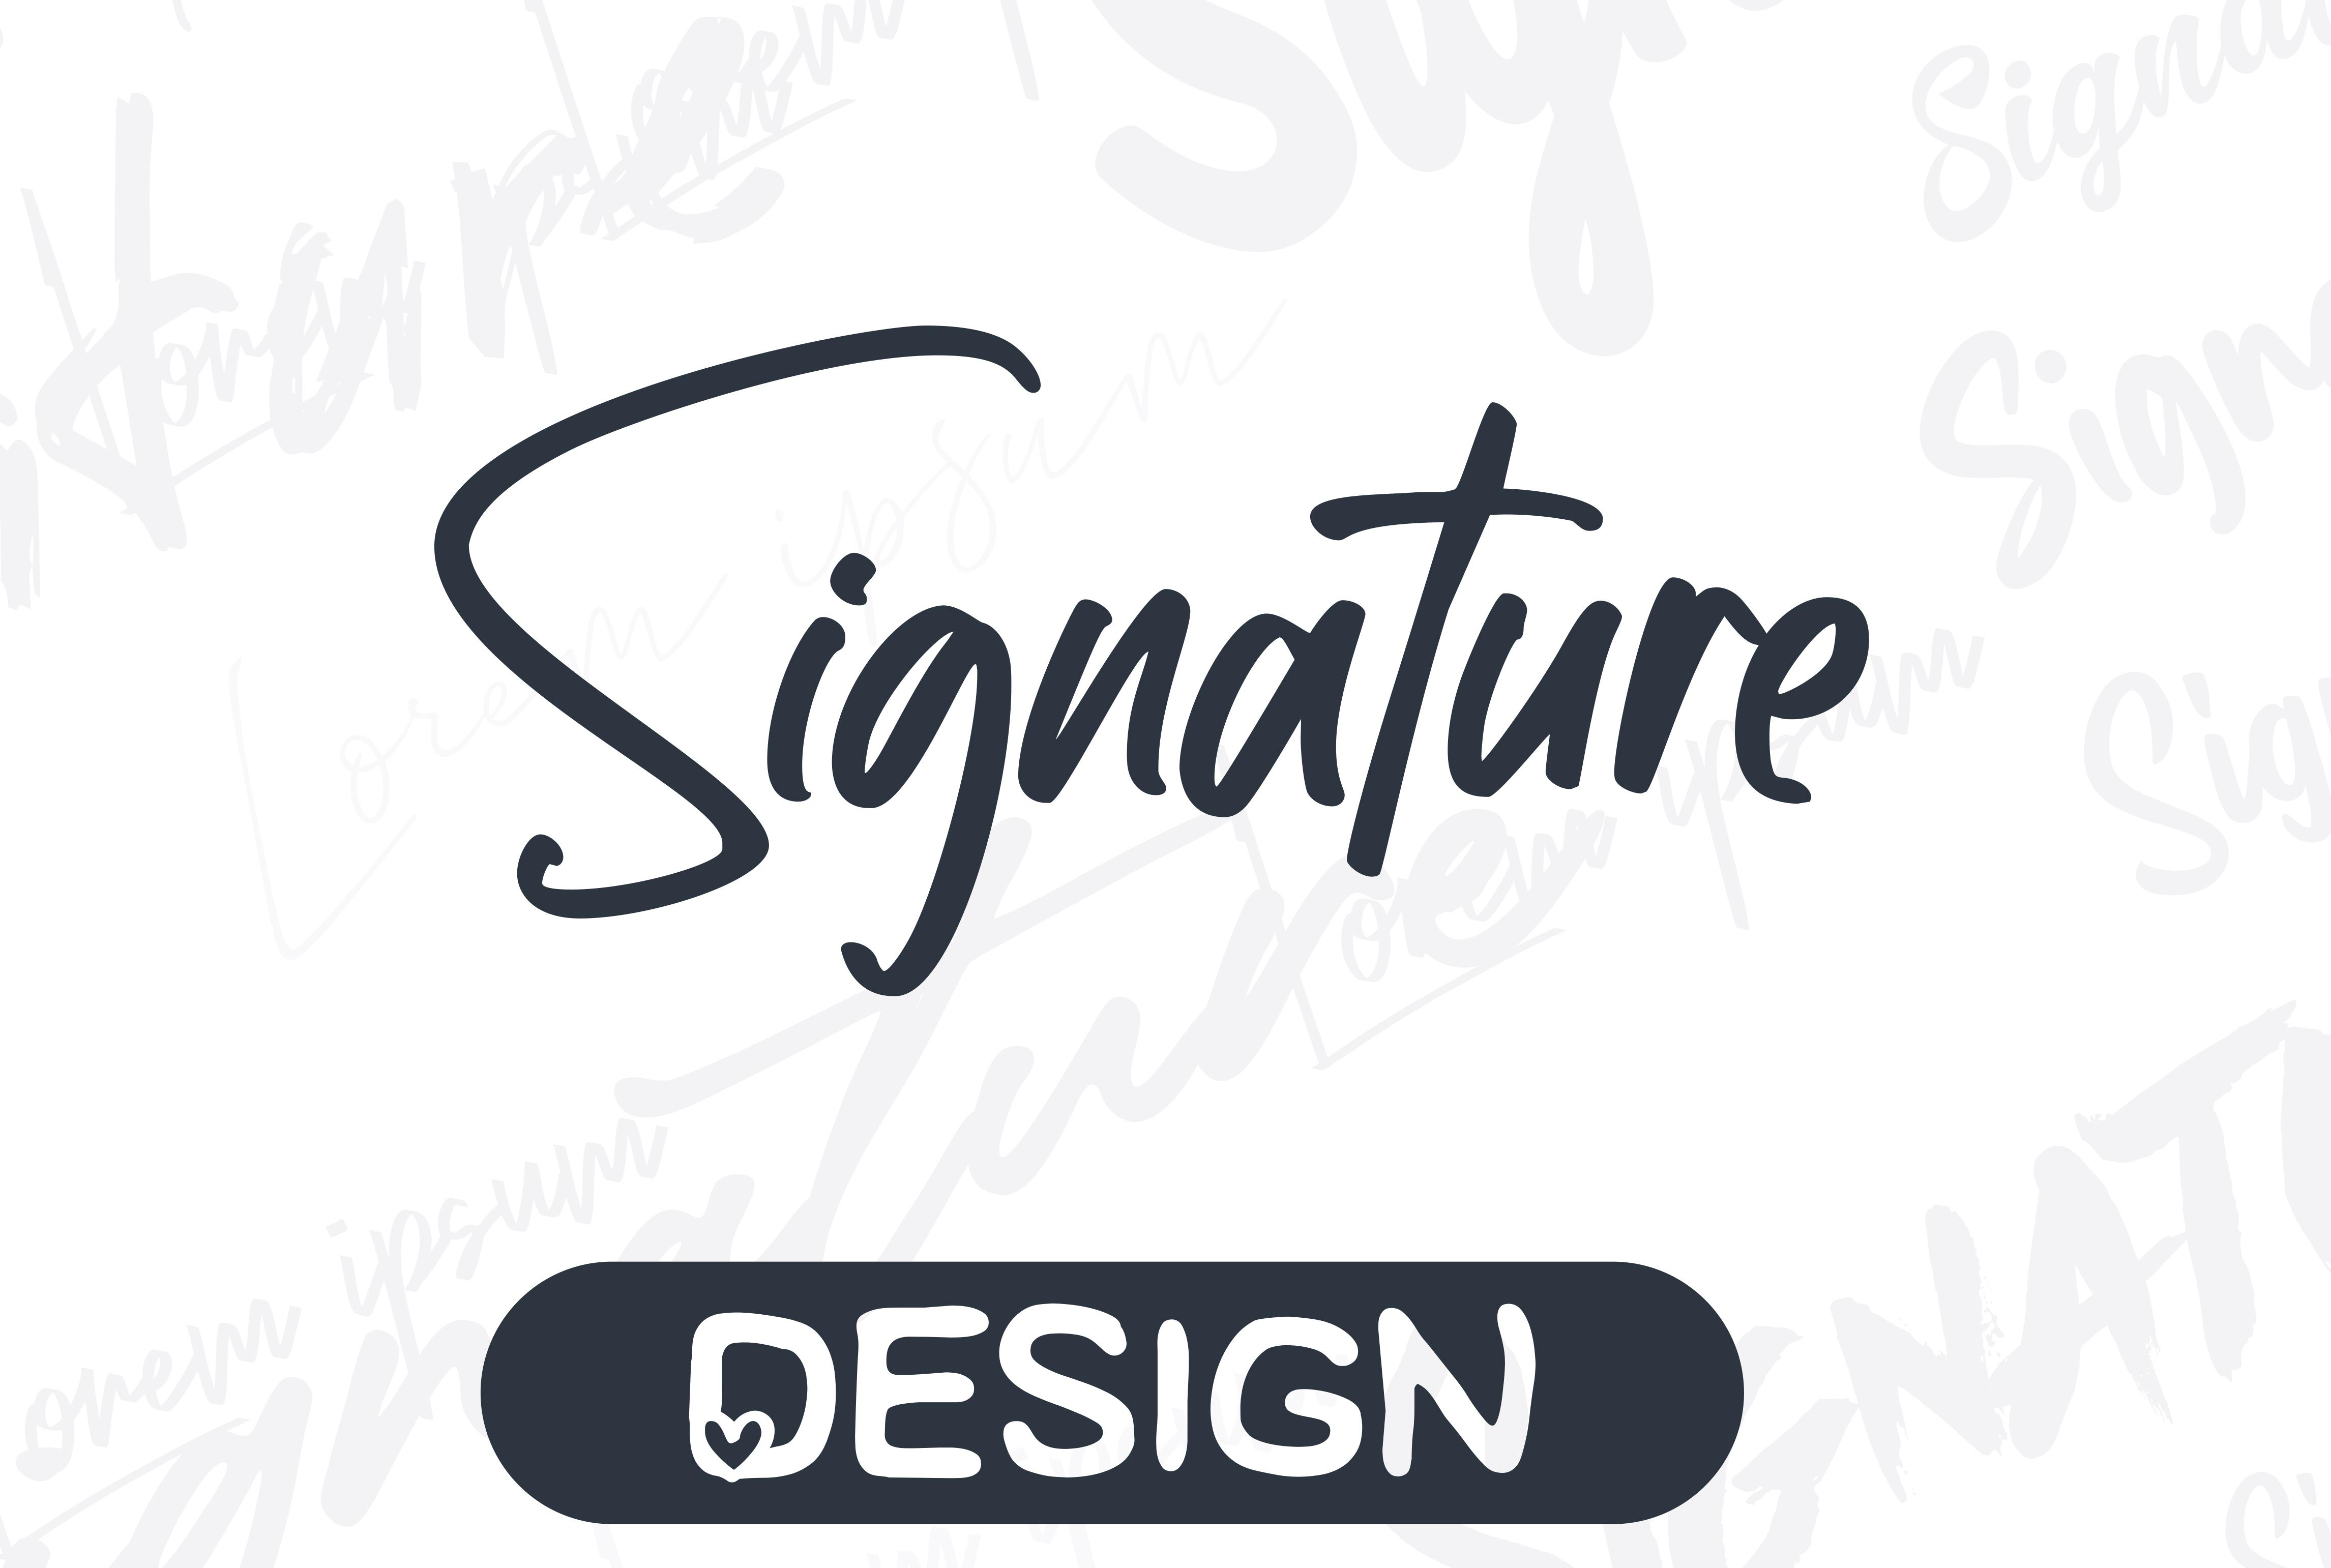 I will create a custom scripted handwritten signature logo design